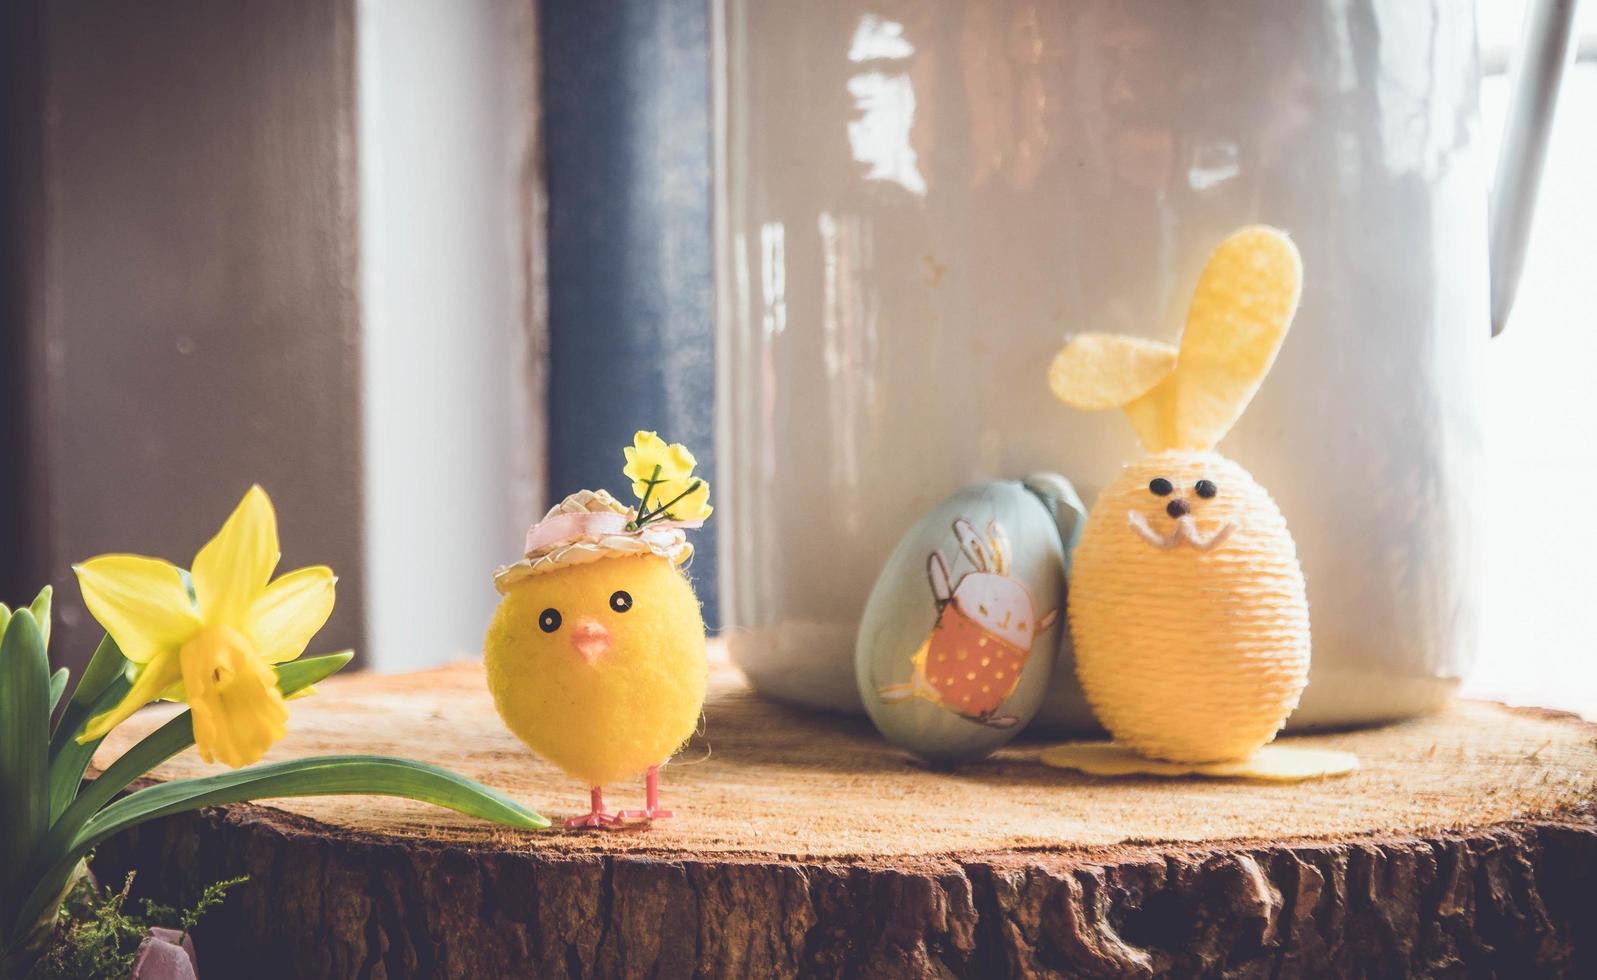 giocattoli pasquali di peluche gialli foto